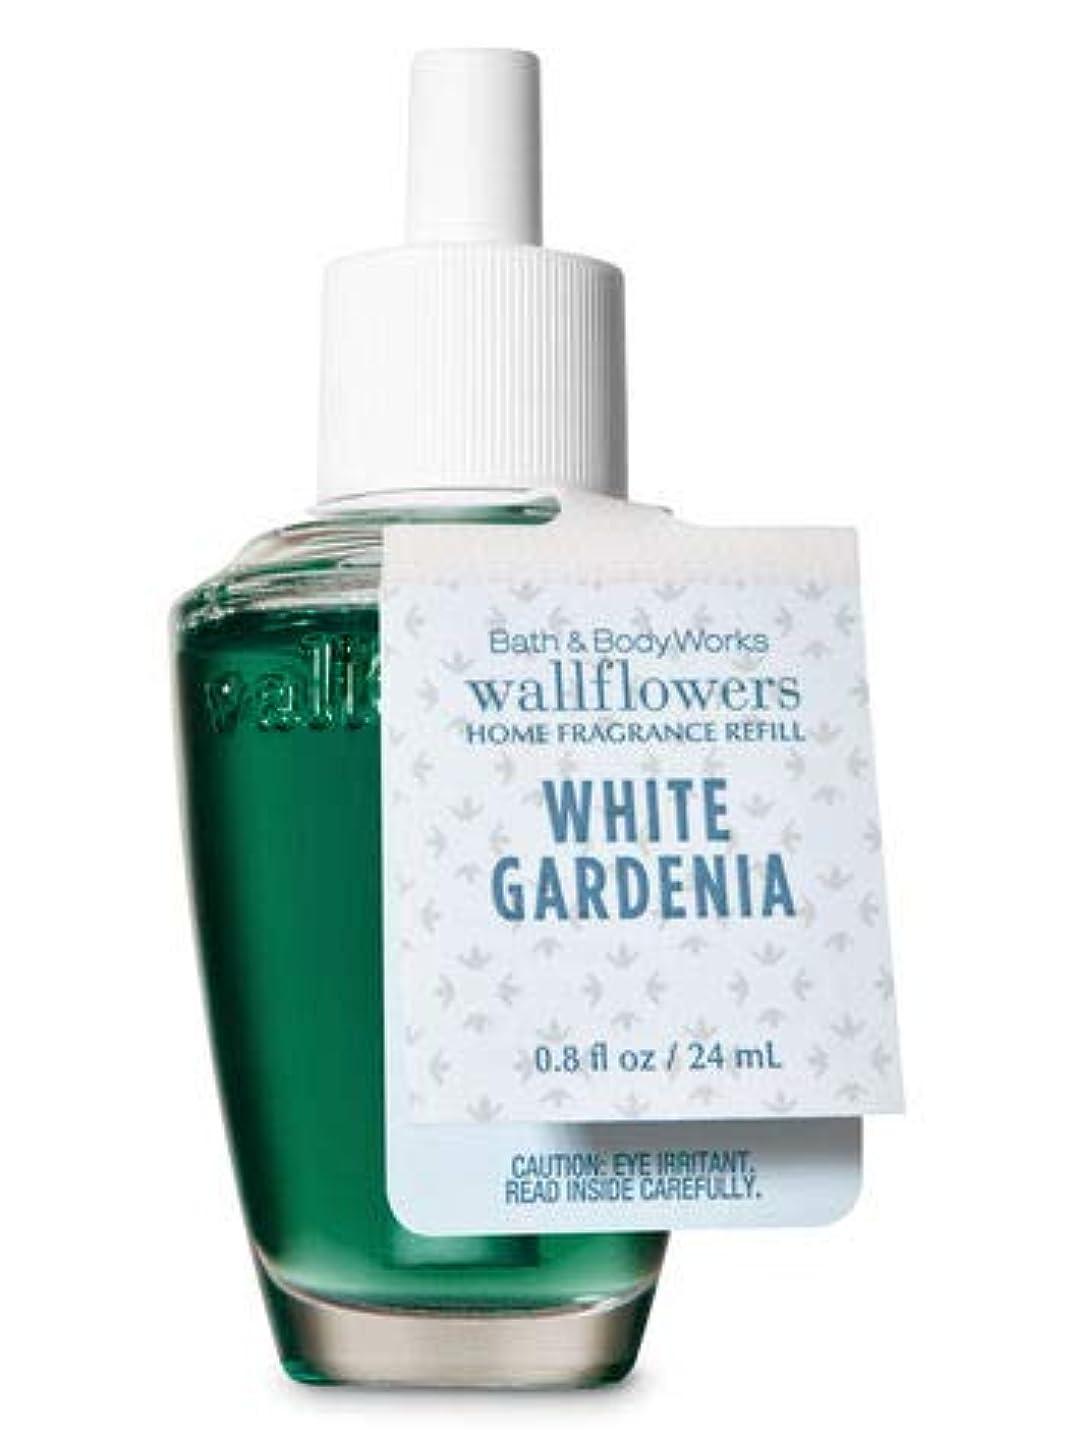 年齢バブル高潔な【Bath&Body Works/バス&ボディワークス】 ルームフレグランス 詰替えリフィル ホワイトガーデニア Wallflowers Home Fragrance Refill White Gardenia [並行輸入品]